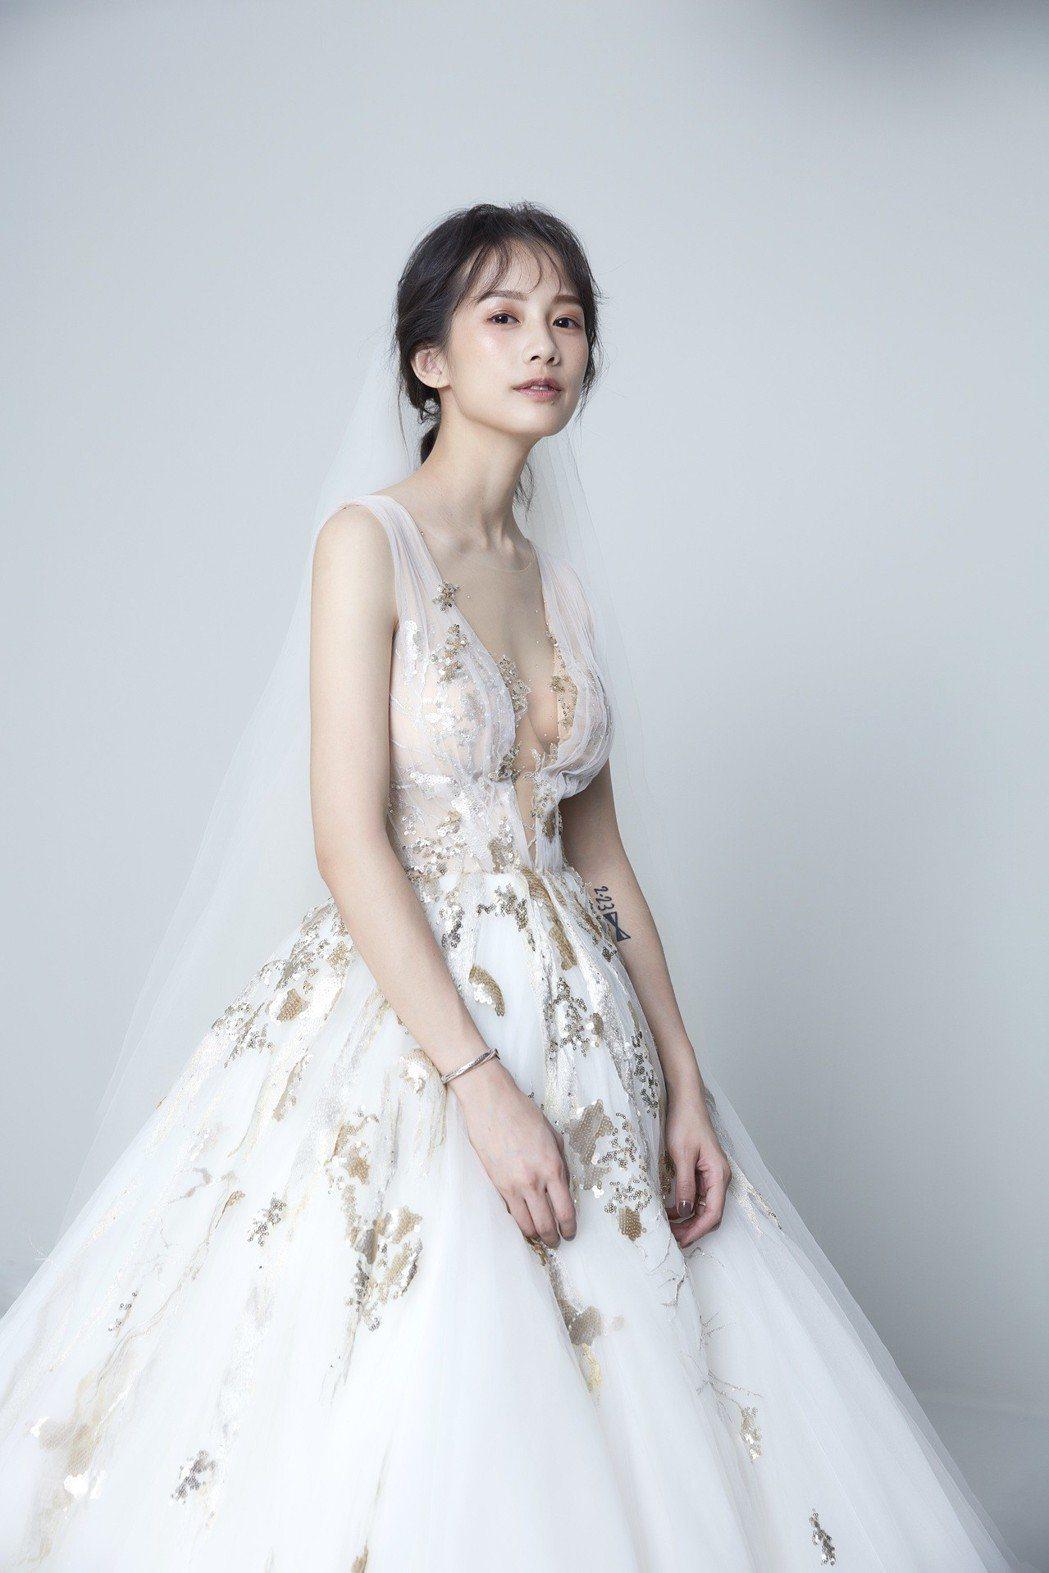 簡嫚書的婚紗照。圖/簡嫚書提供